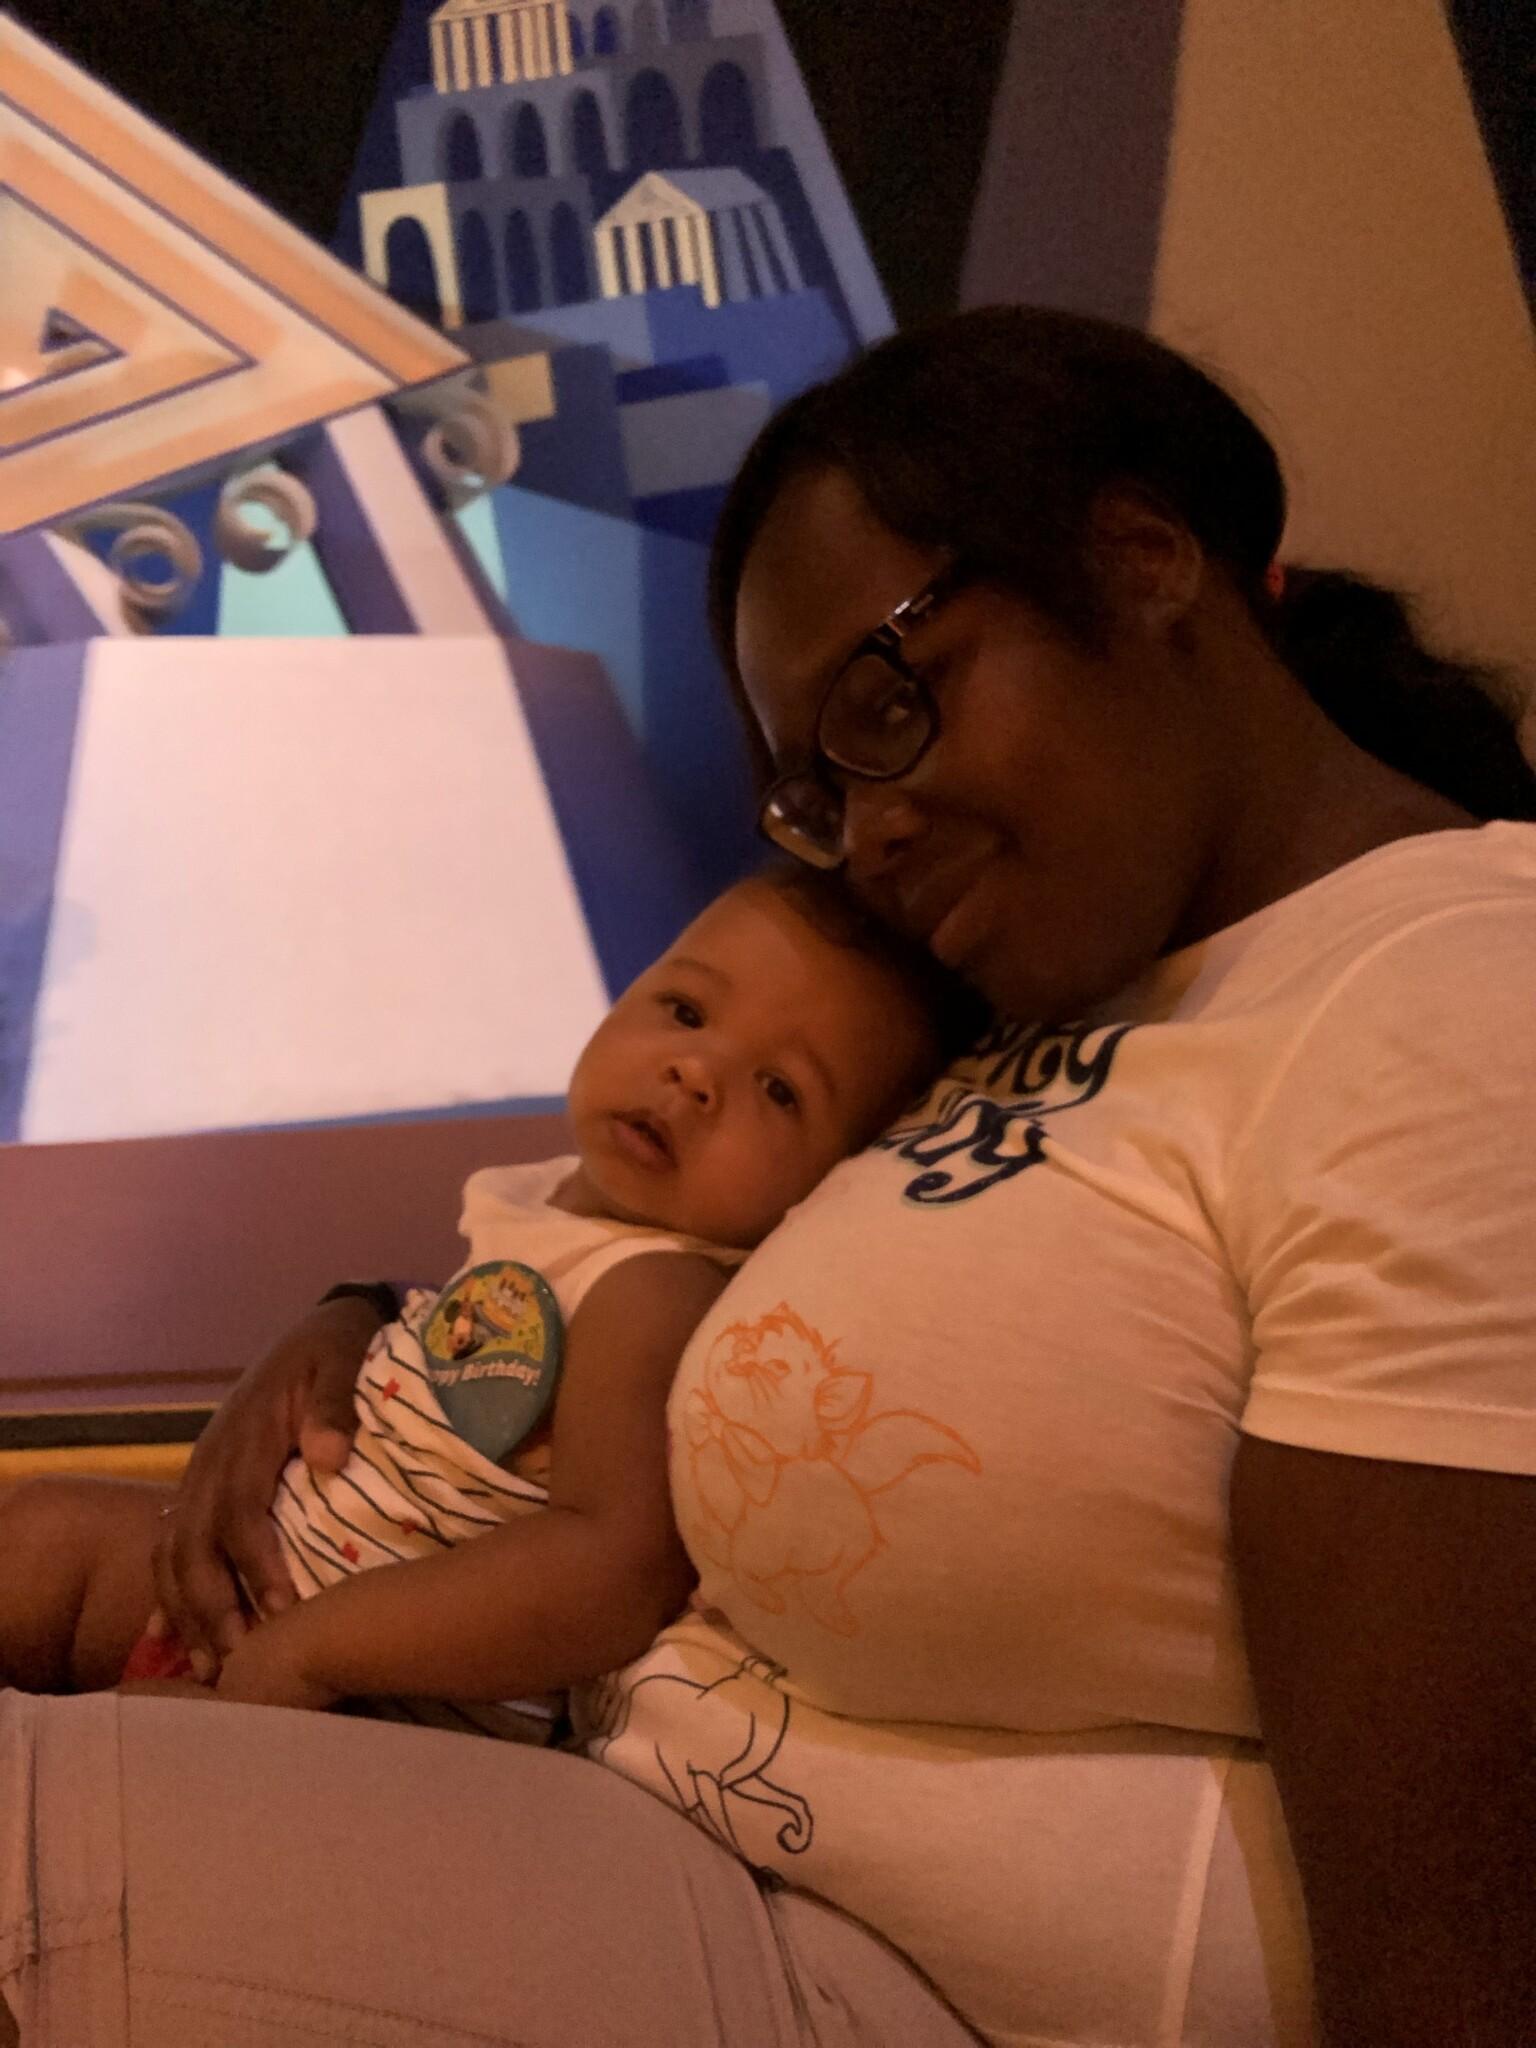 2 semaines en Floride avec un bébé de 1 an - Séjour du 2 au 16 mai 2019 DCL + WDW - Page 15 IMG_9513-1536x2048